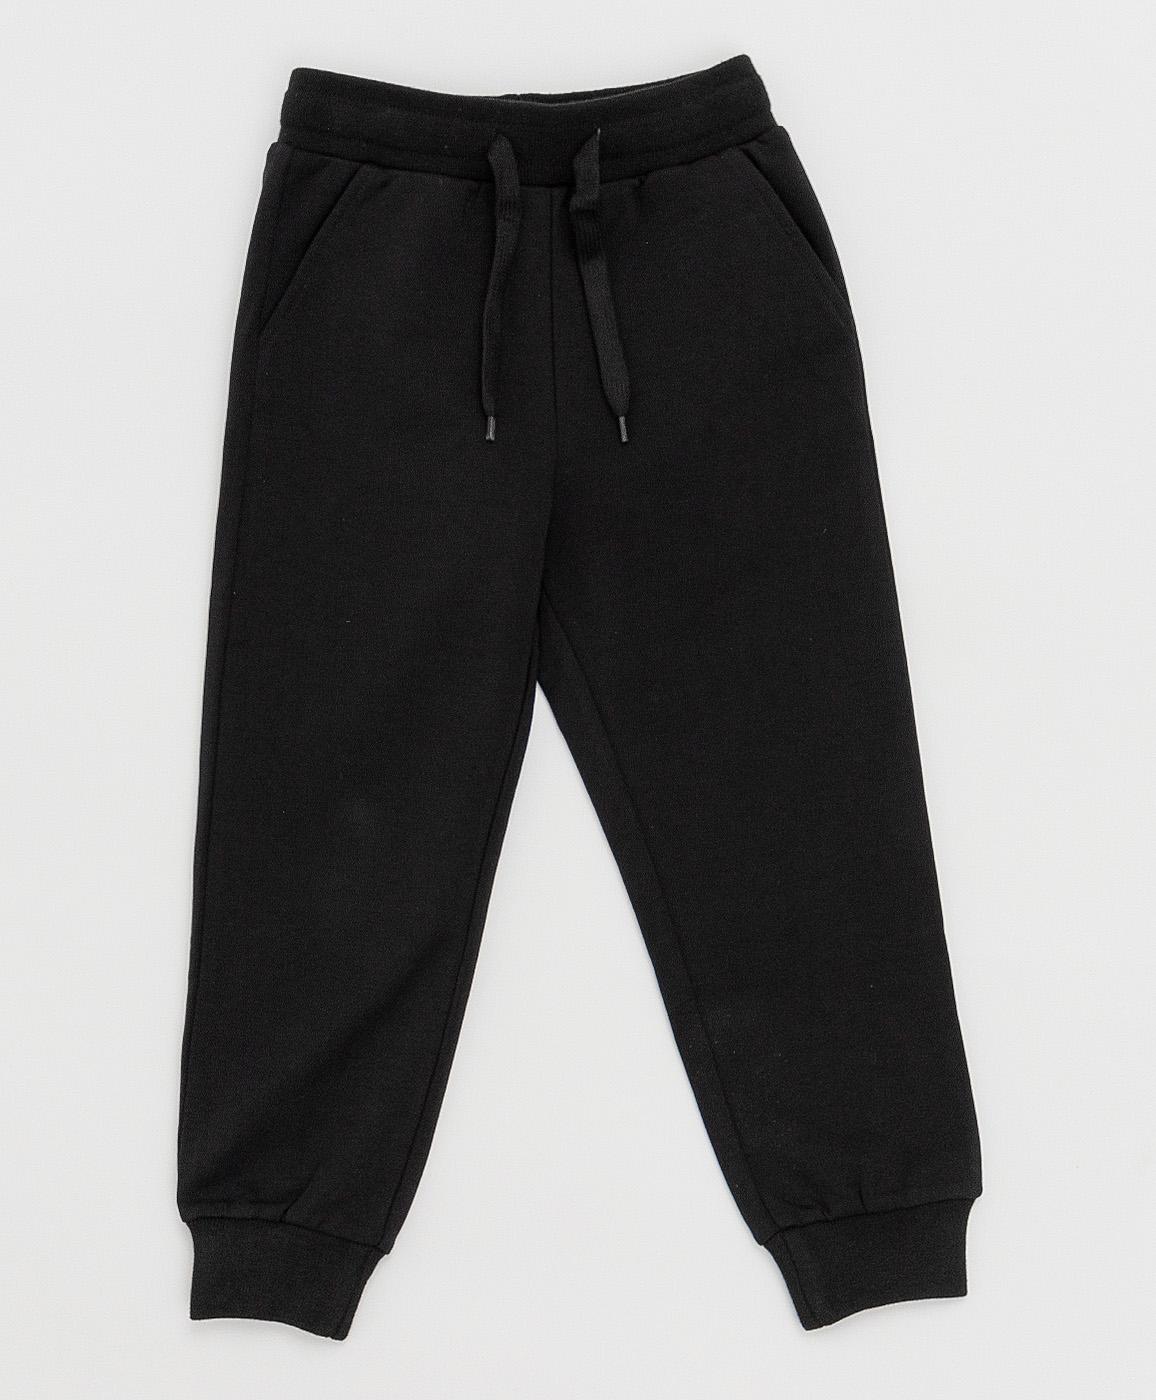 Купить 121BBBB56010800, Черные брюки Button Blue, черный, 134, Футер, Мужской, Весна, ВЕСНА/ЛЕТО 2021 (shop: GulliverMarket Gulliver Market)